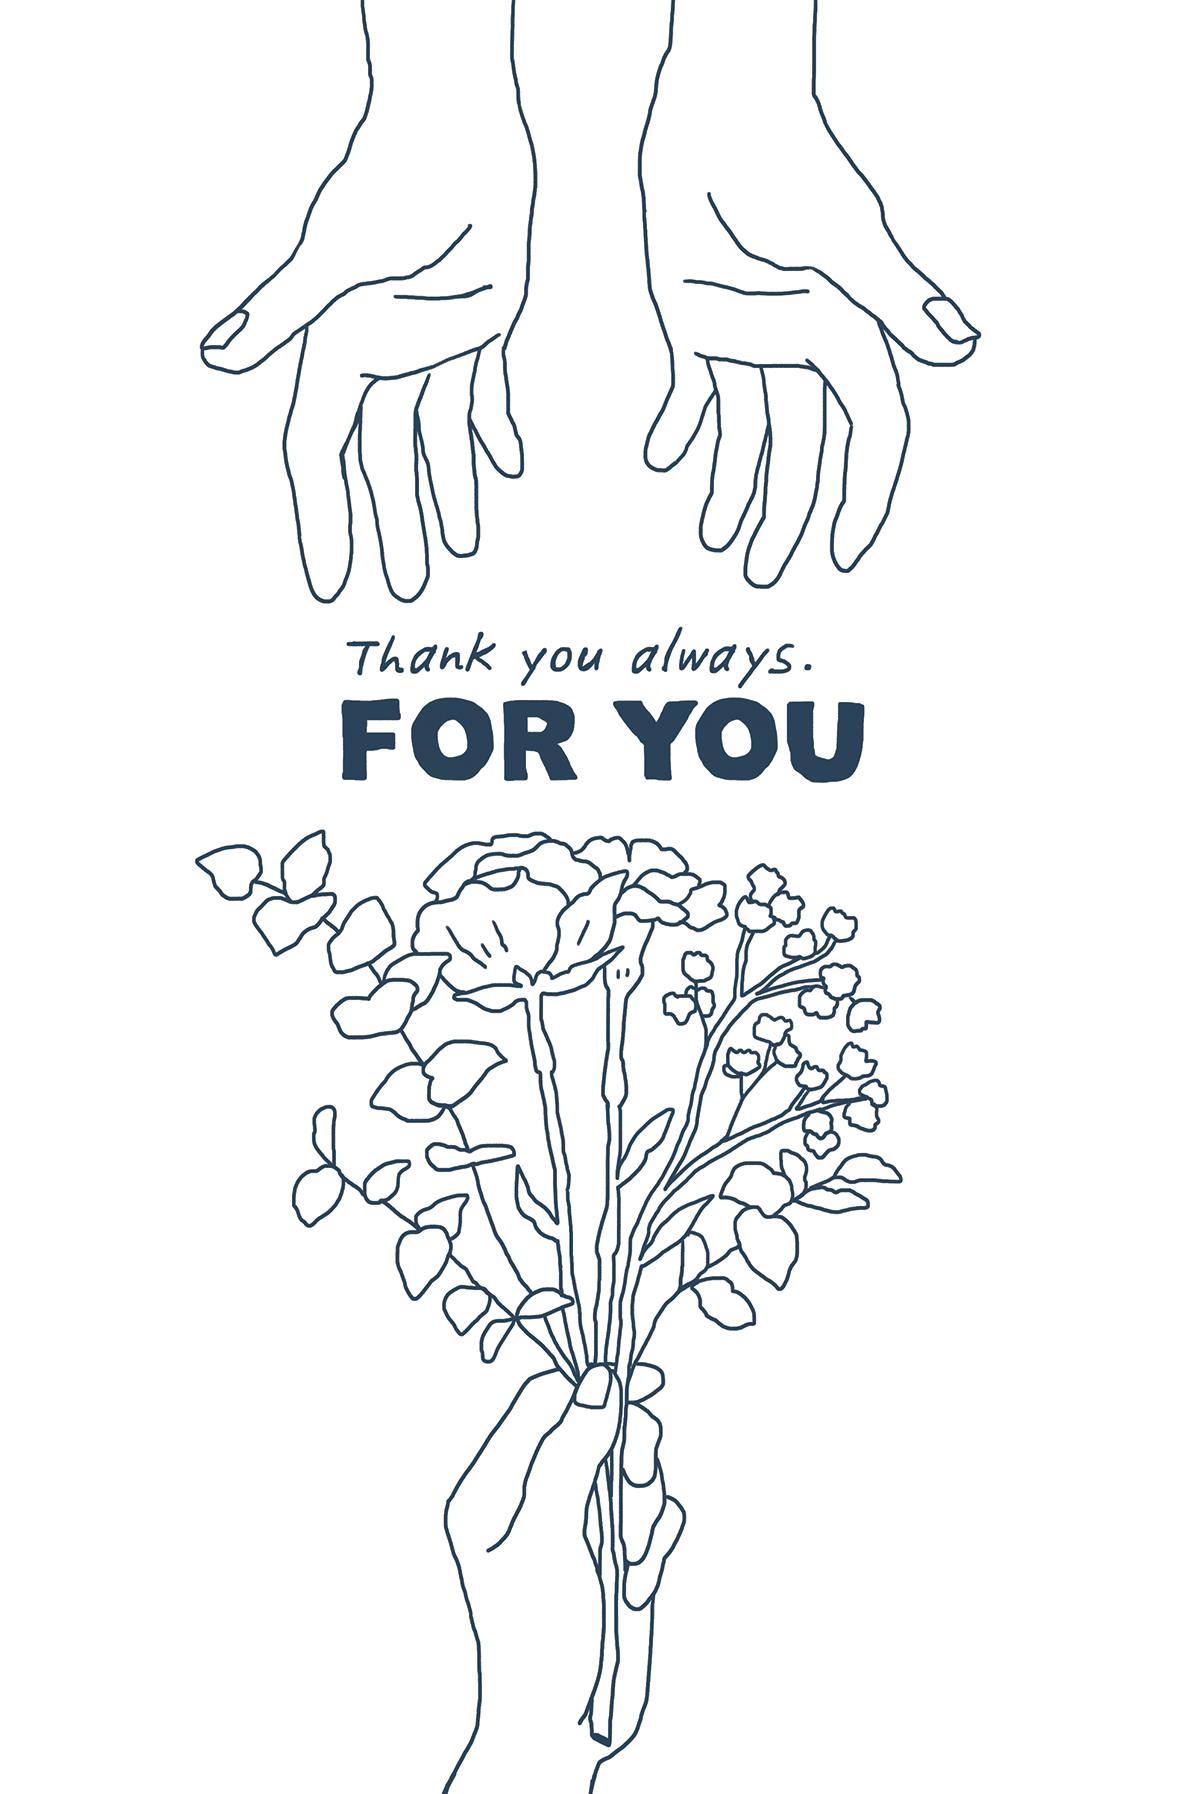 花束を渡すイラスト